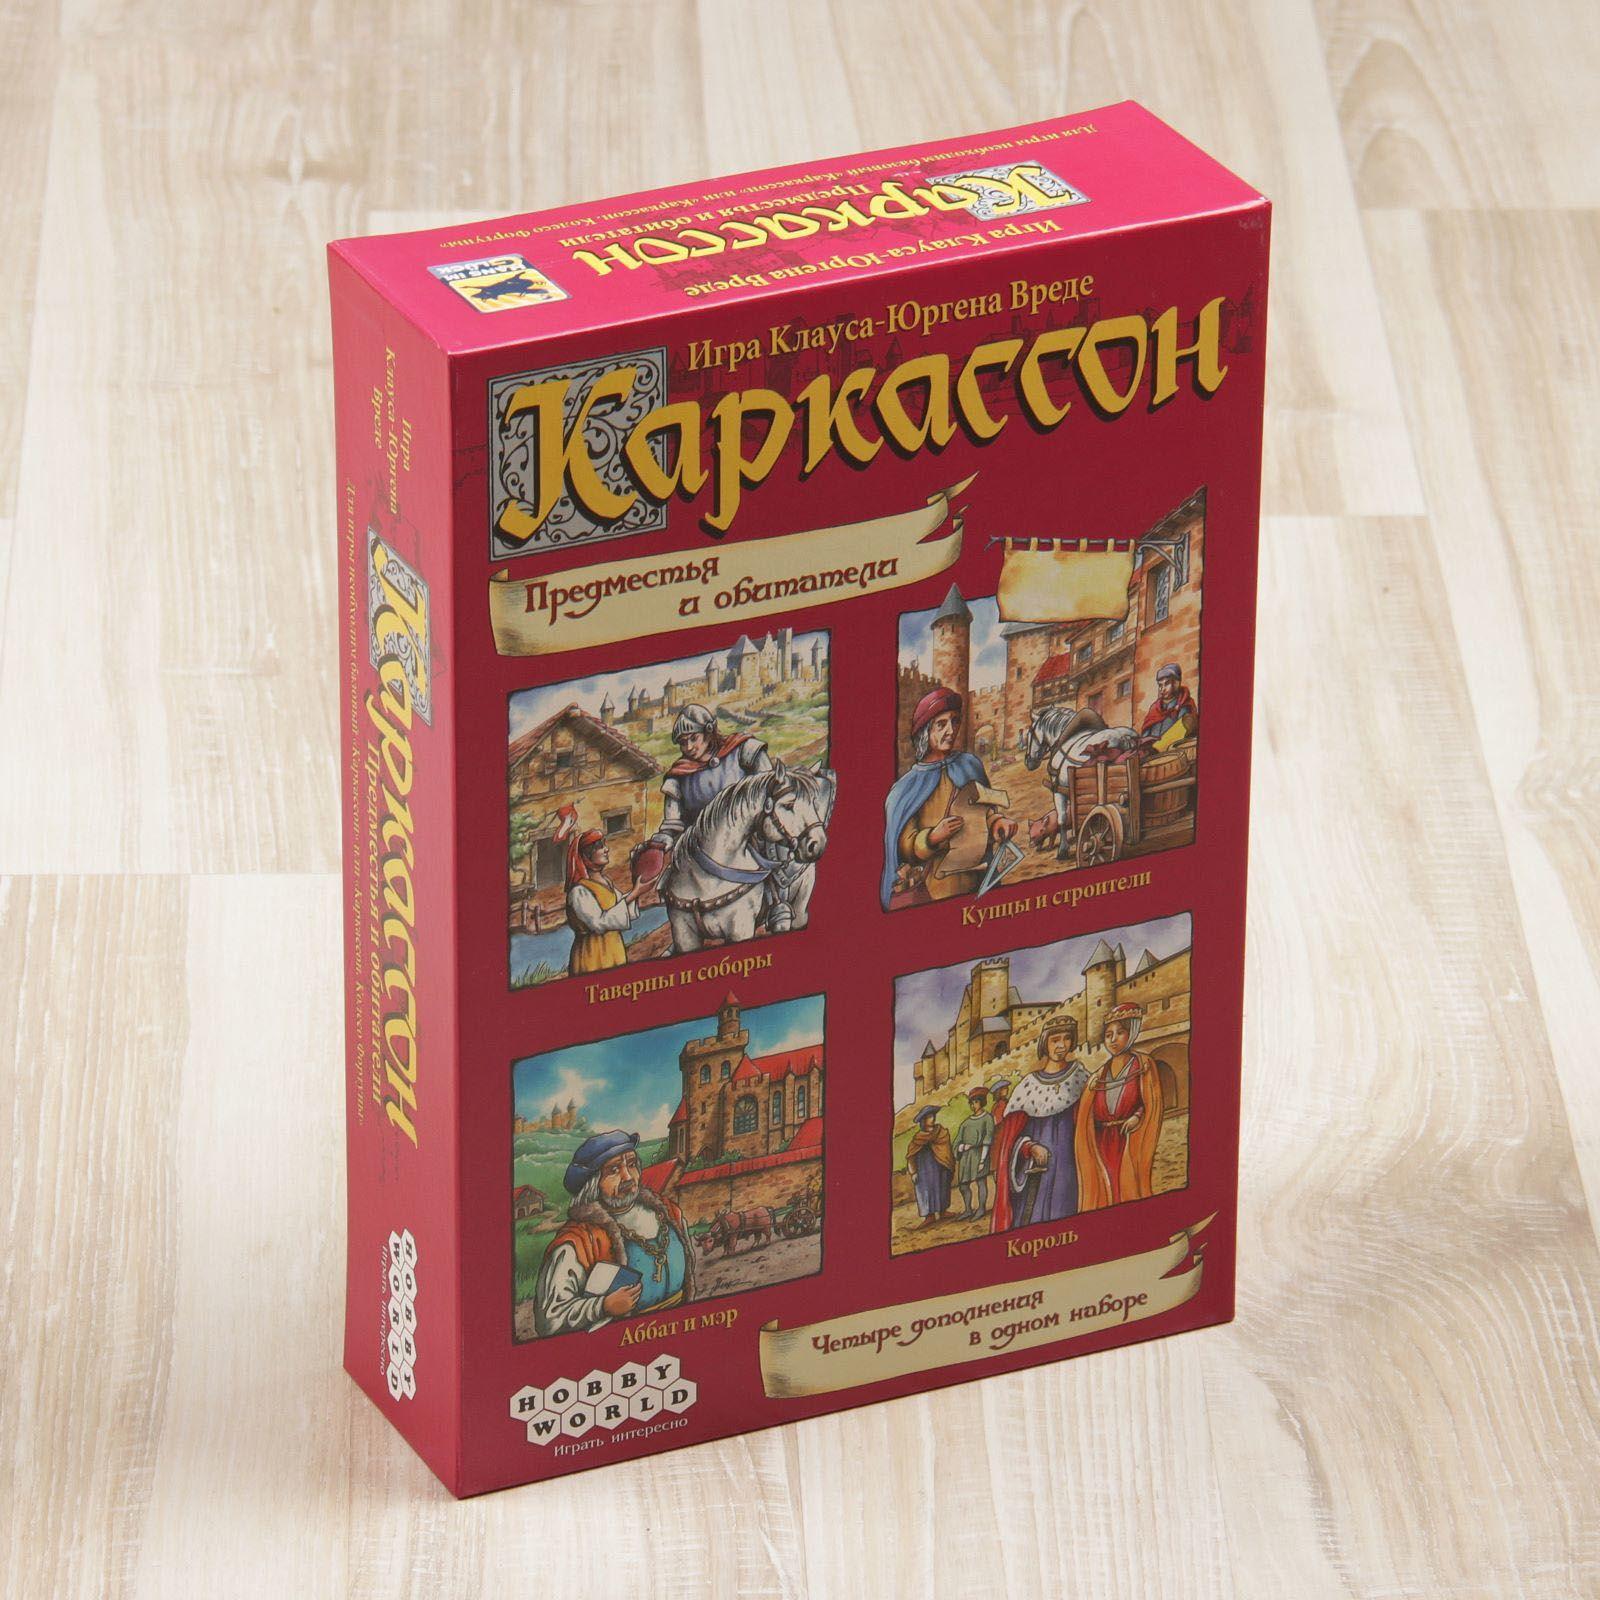 """Настольная игра """"Каркассон"""" - Предместья и обитатели"""